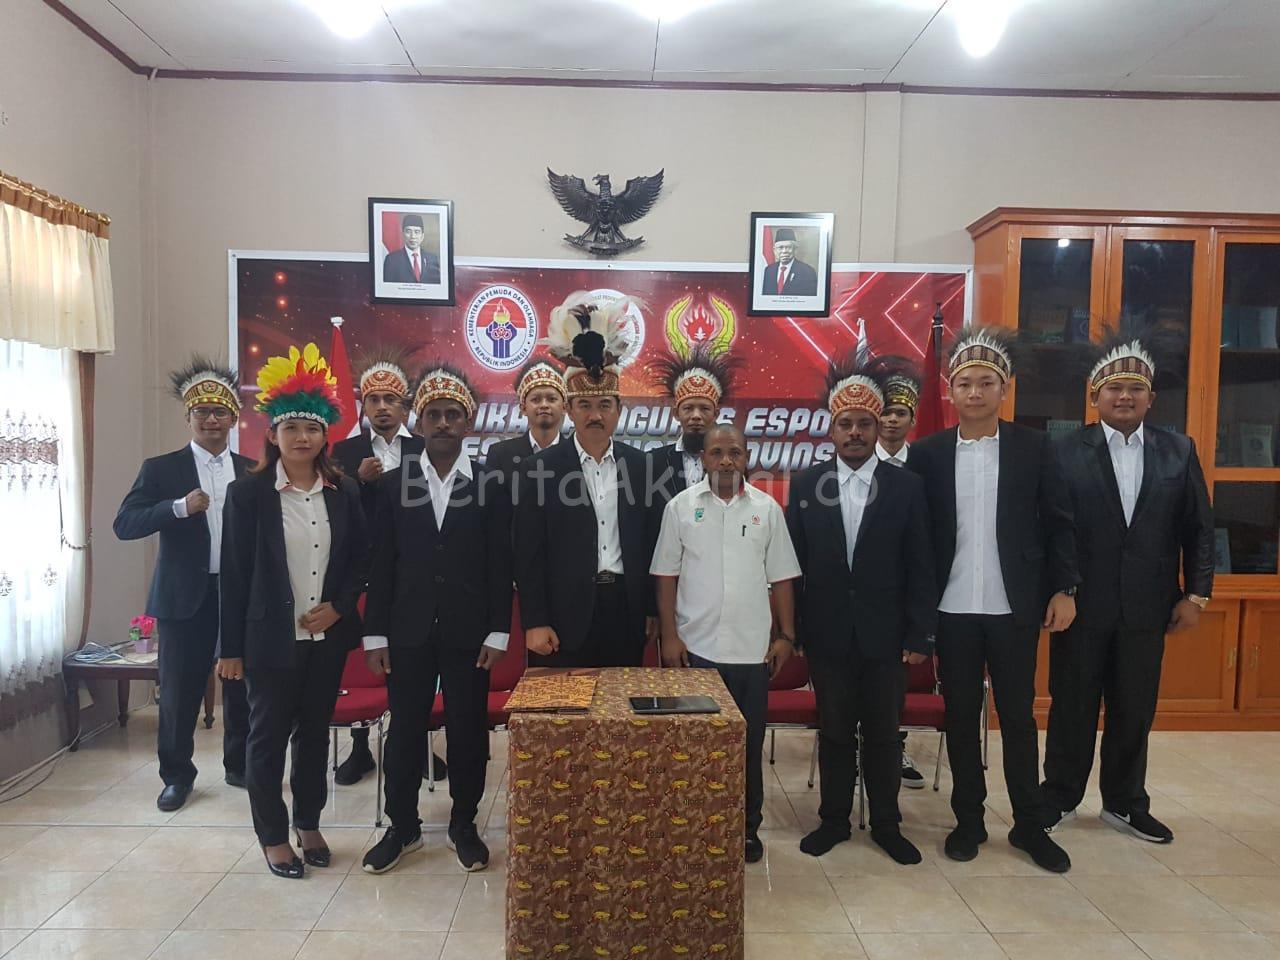 Pertama di Indonesia, Pengurus Esport Papua Barat Dilantik Serentak Secara Virtual 19 IMG 20200316 WA0033